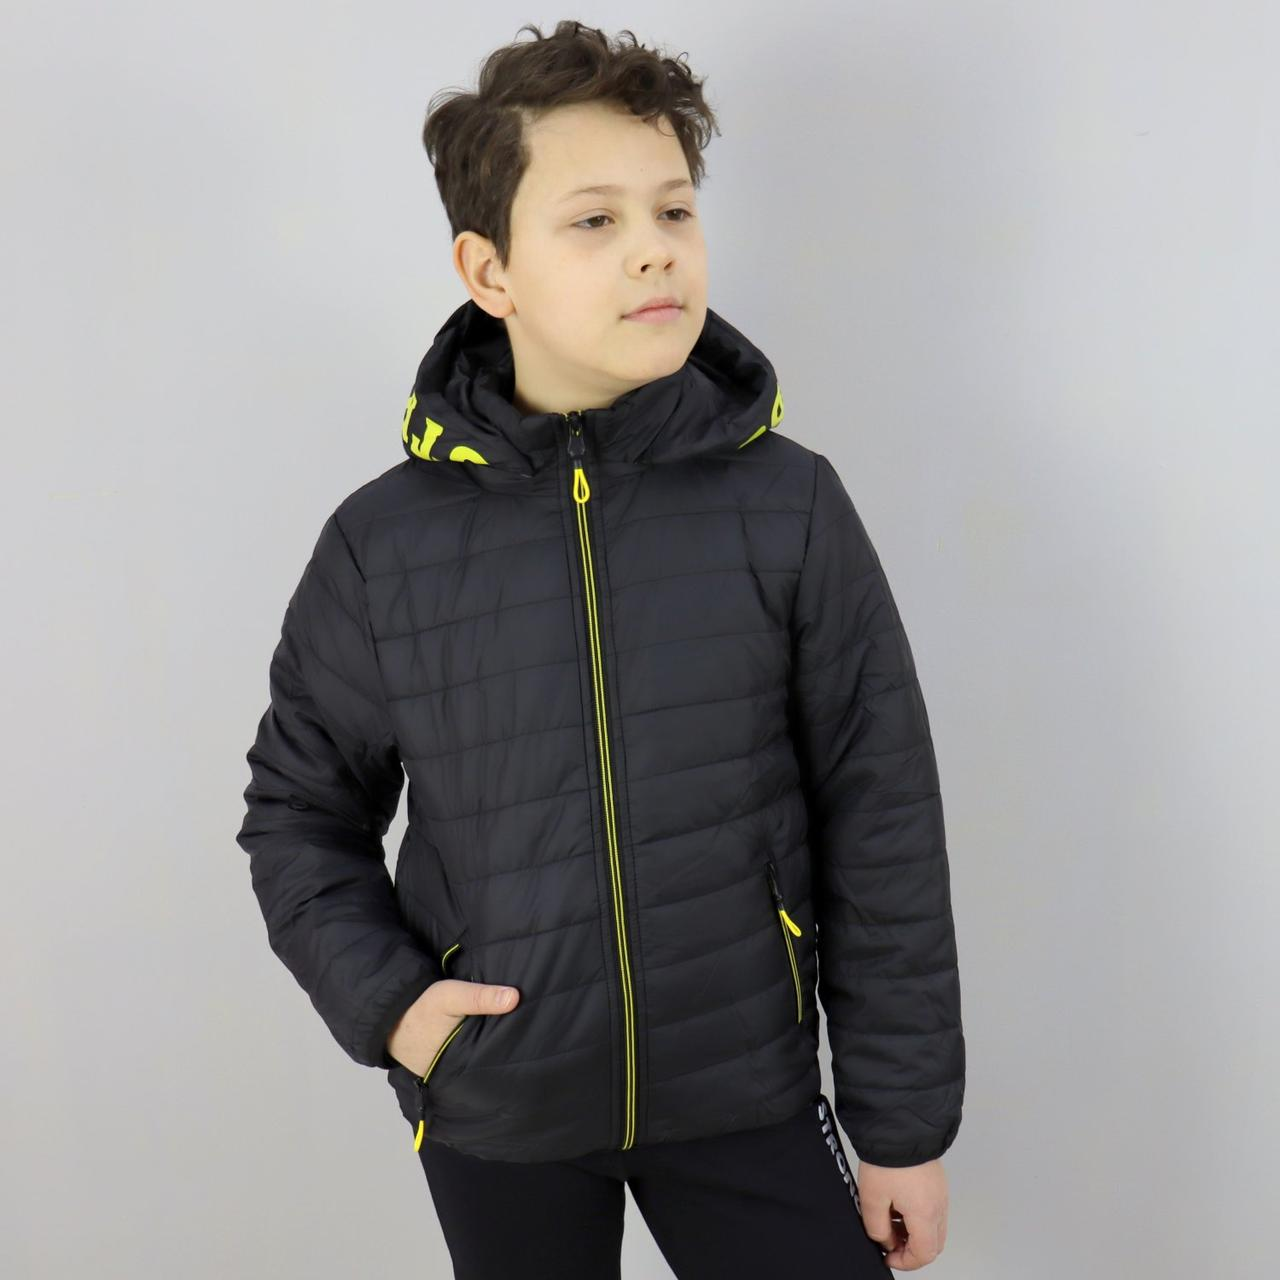 1878чер Чорна демісезонна куртка для хлопчика тм SEAGULL розмір 10,14 років